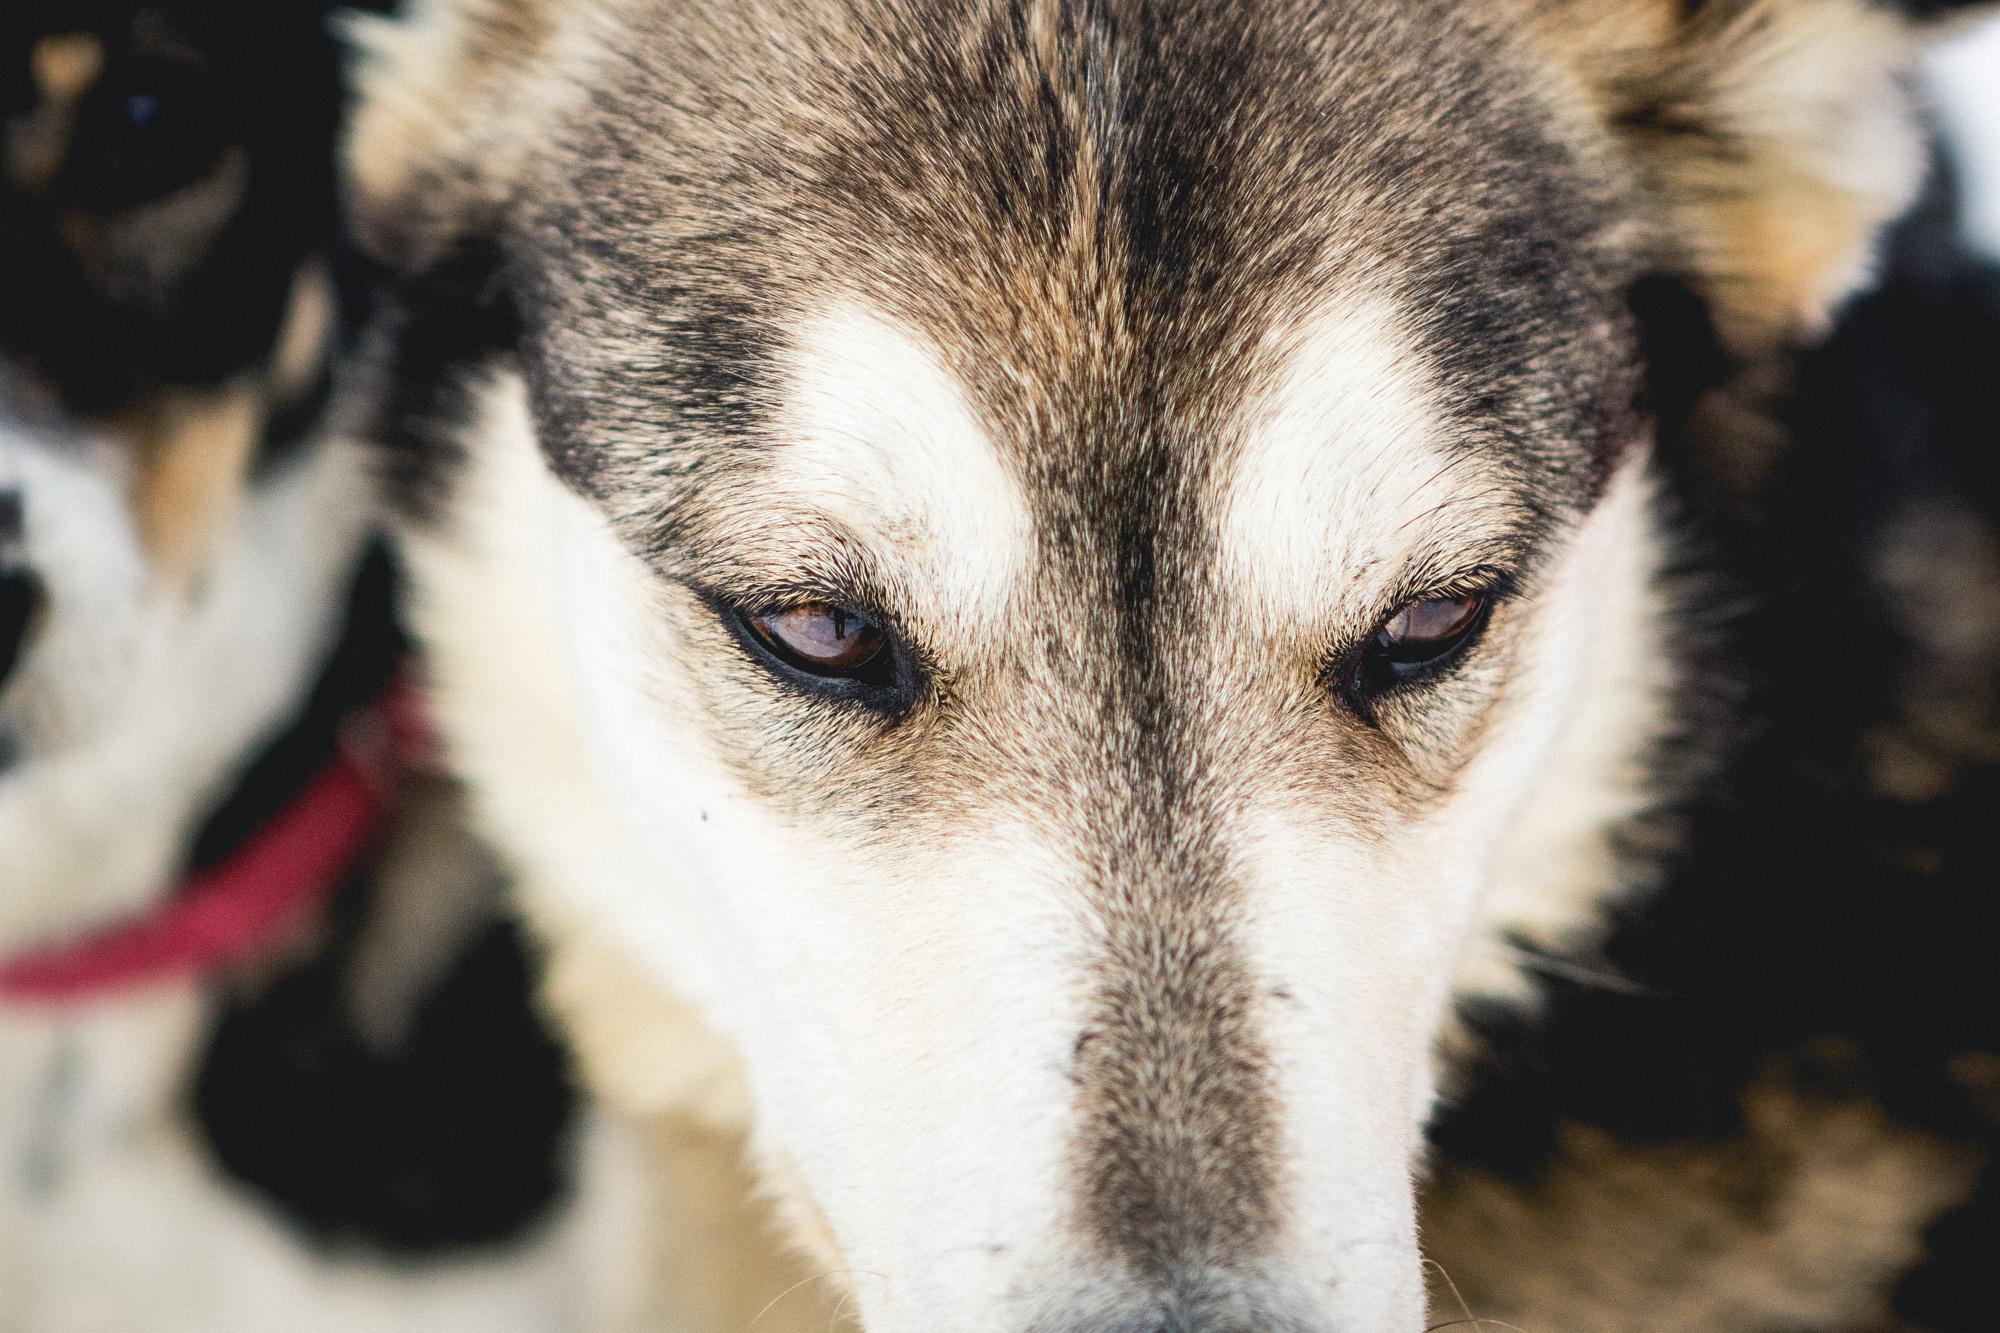 eyes of a sled dog in Jackson Hole